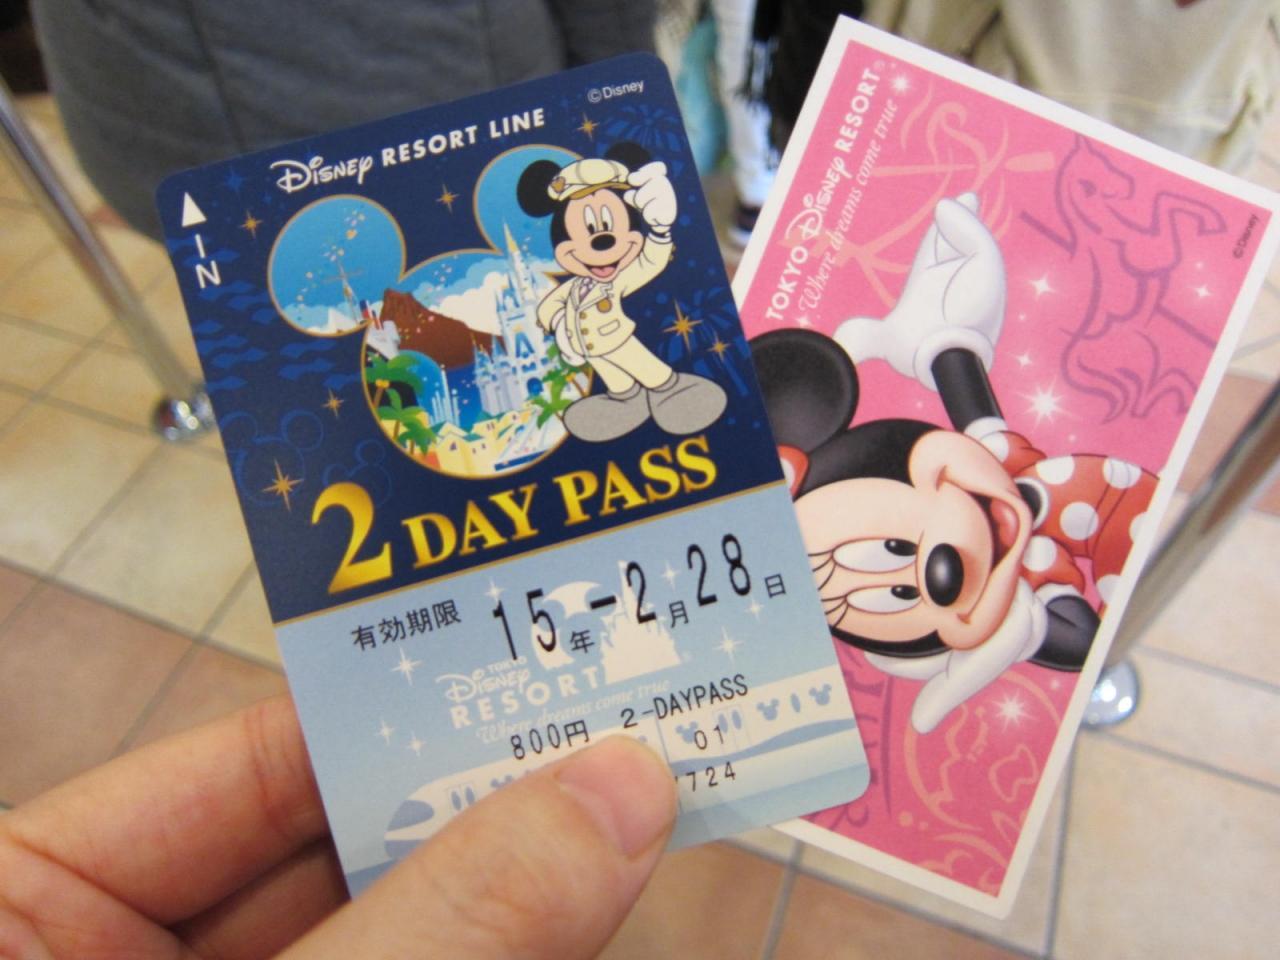 憧れのディズニーランドホテル』東京ディズニーリゾート(千葉県)の旅行